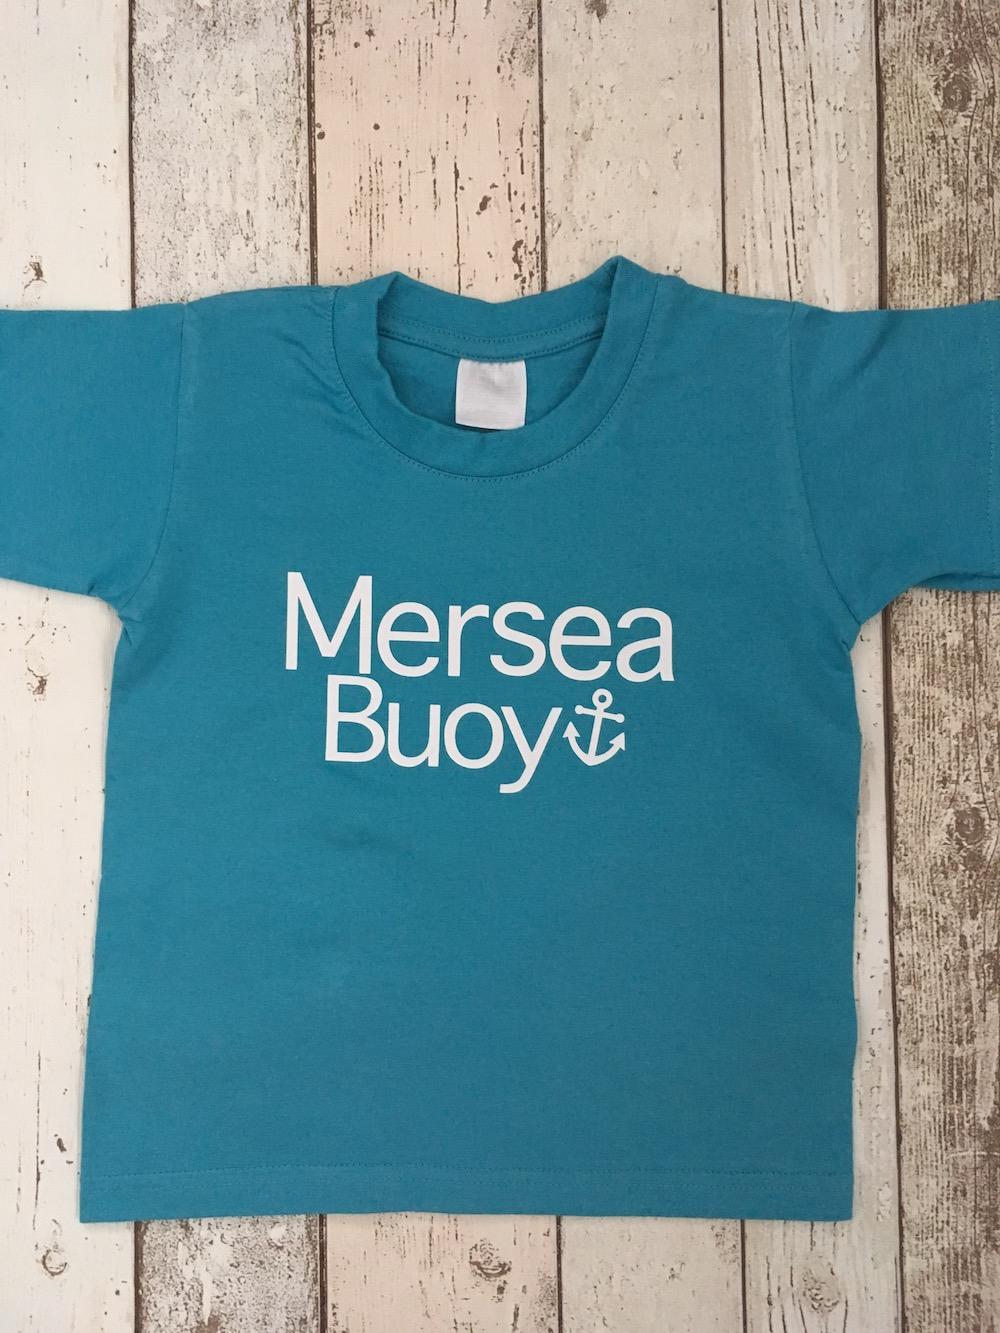 Mersea Buoy Tshirt